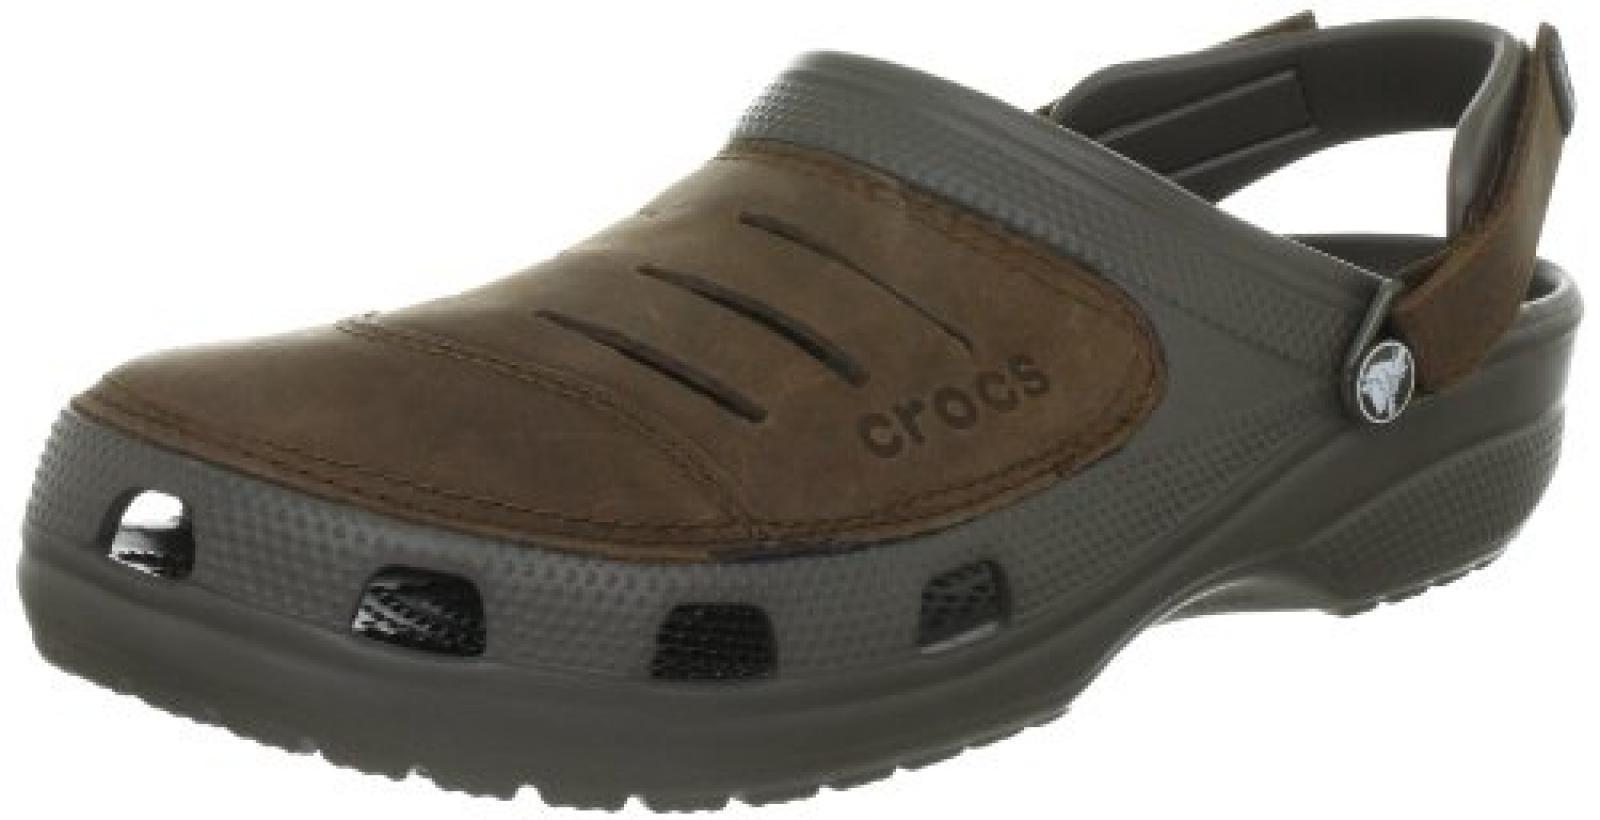 crocs Yukon Kha/Brn M13 Herren Clogs